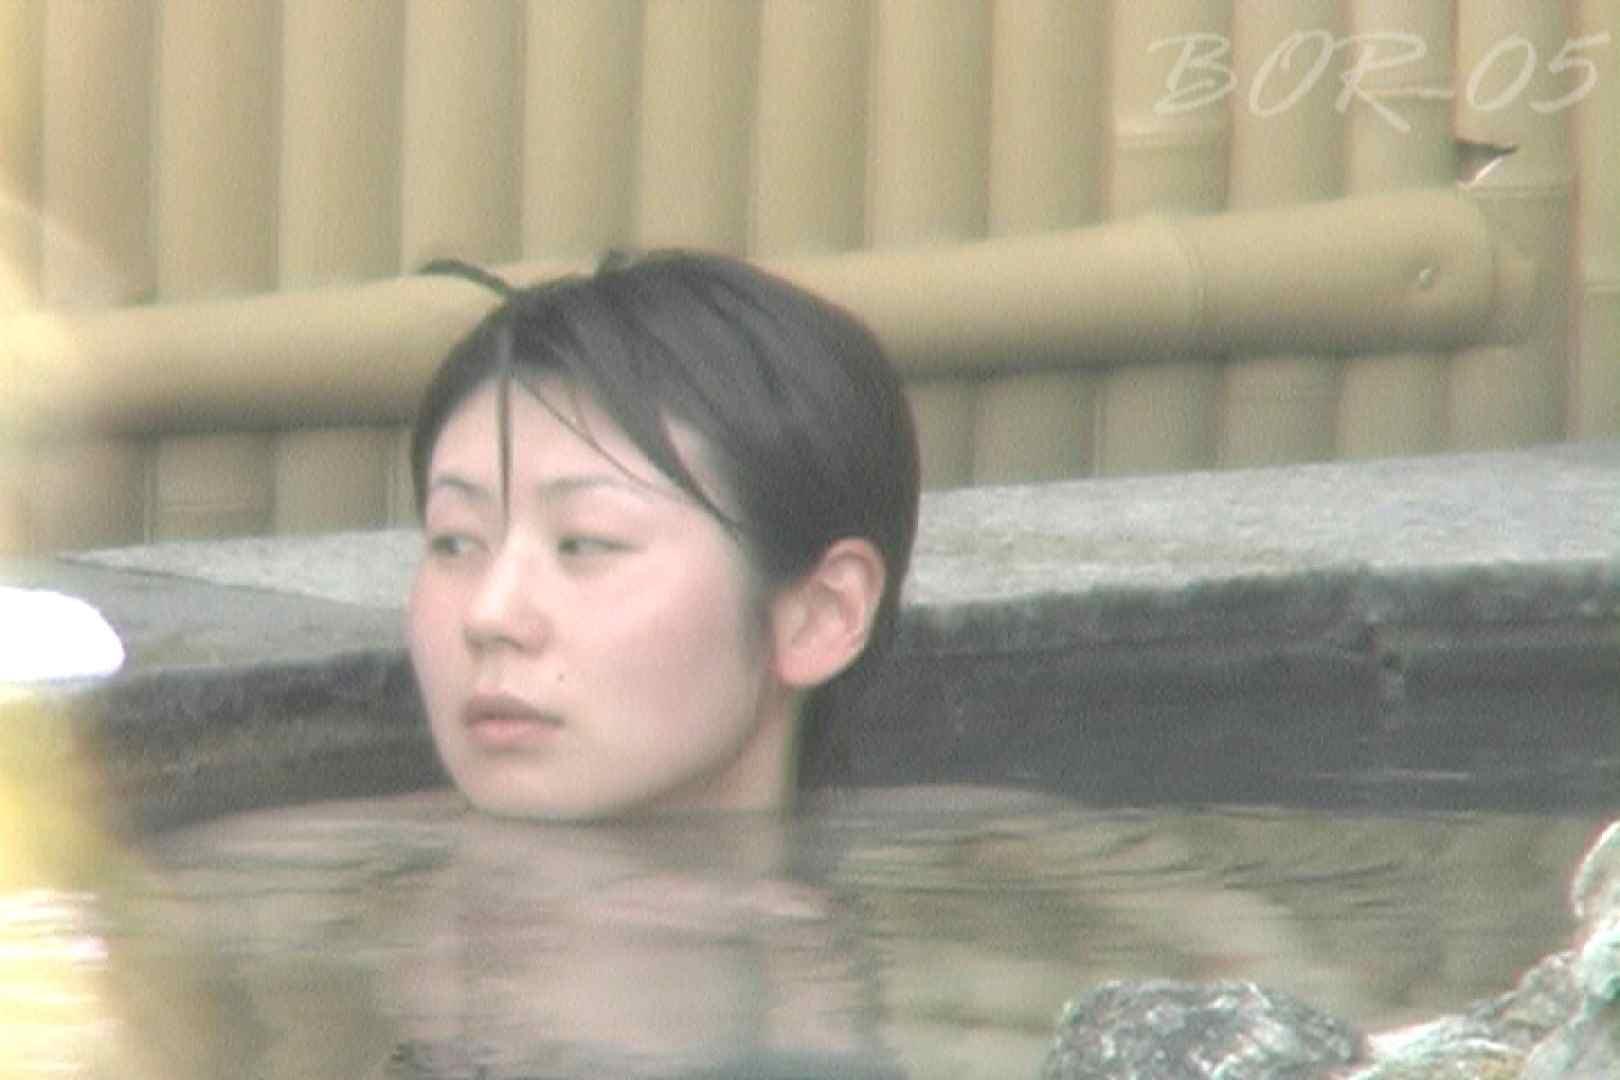 Aquaな露天風呂Vol.493 OLエロ画像  67PICs 21